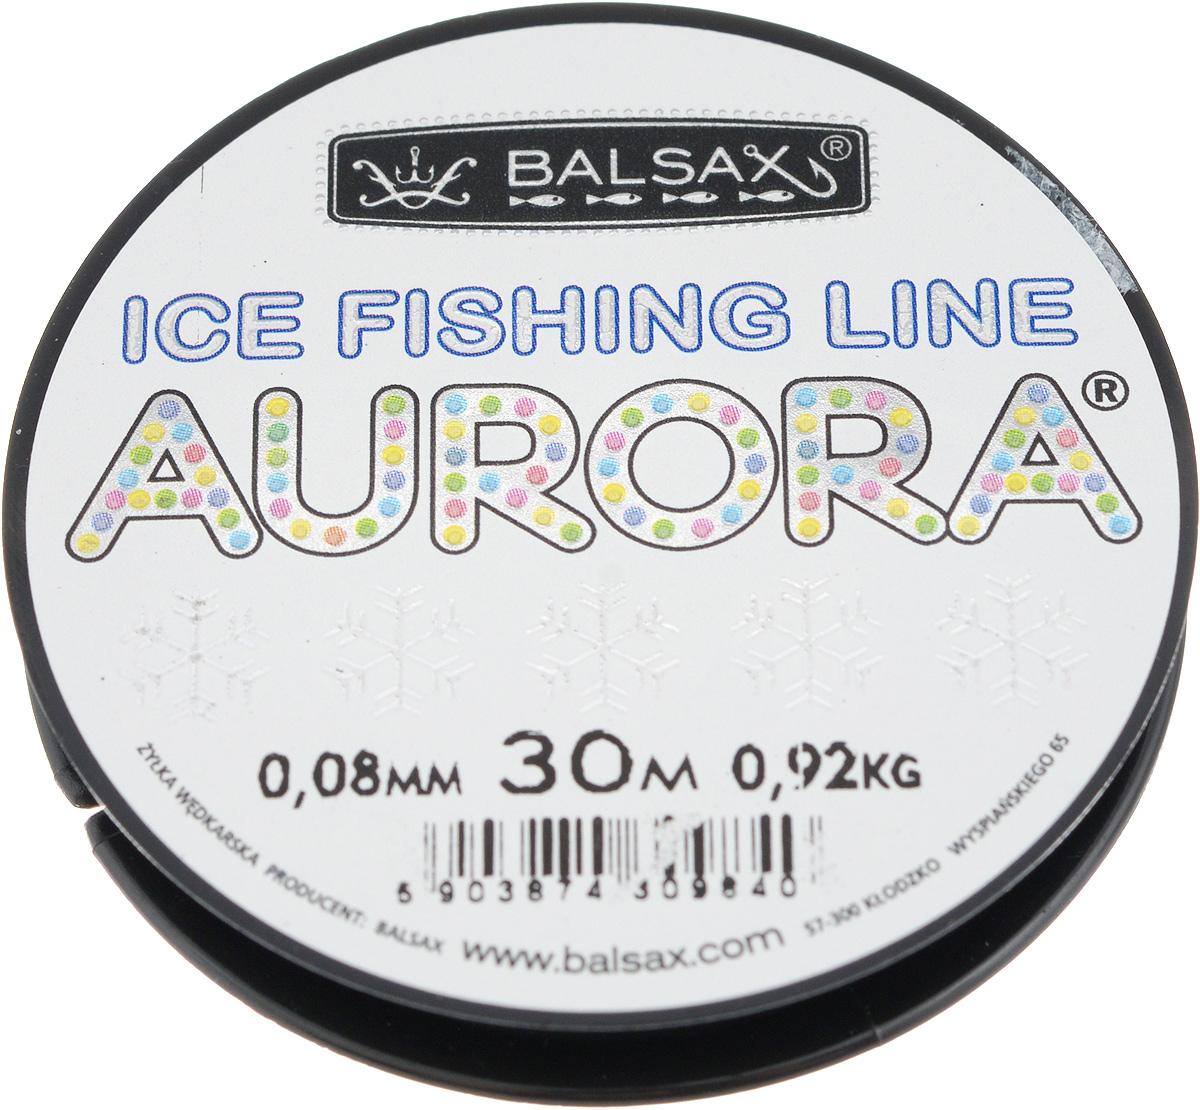 Леска зимняя Balsax Aurora, 30 м, 0,08 мм, 0,92 кг310-04008Леска Balsax Aurora изготовлена из 100% нейлона и очень хорошо выдерживаетнизкие температуры. Даже в самом холодном климате, при температуре вплотьдо -40°C, она сохраняет свои свойствапрактически без изменений, в то время как традиционные лески становятся менееэластичными и теряют прочность. Поверхность лески обработана таким образом, что она не обмерзает и отличноподходит для подледного лова. Прочна вместах вязки узлов даже при минимальном диаметре.